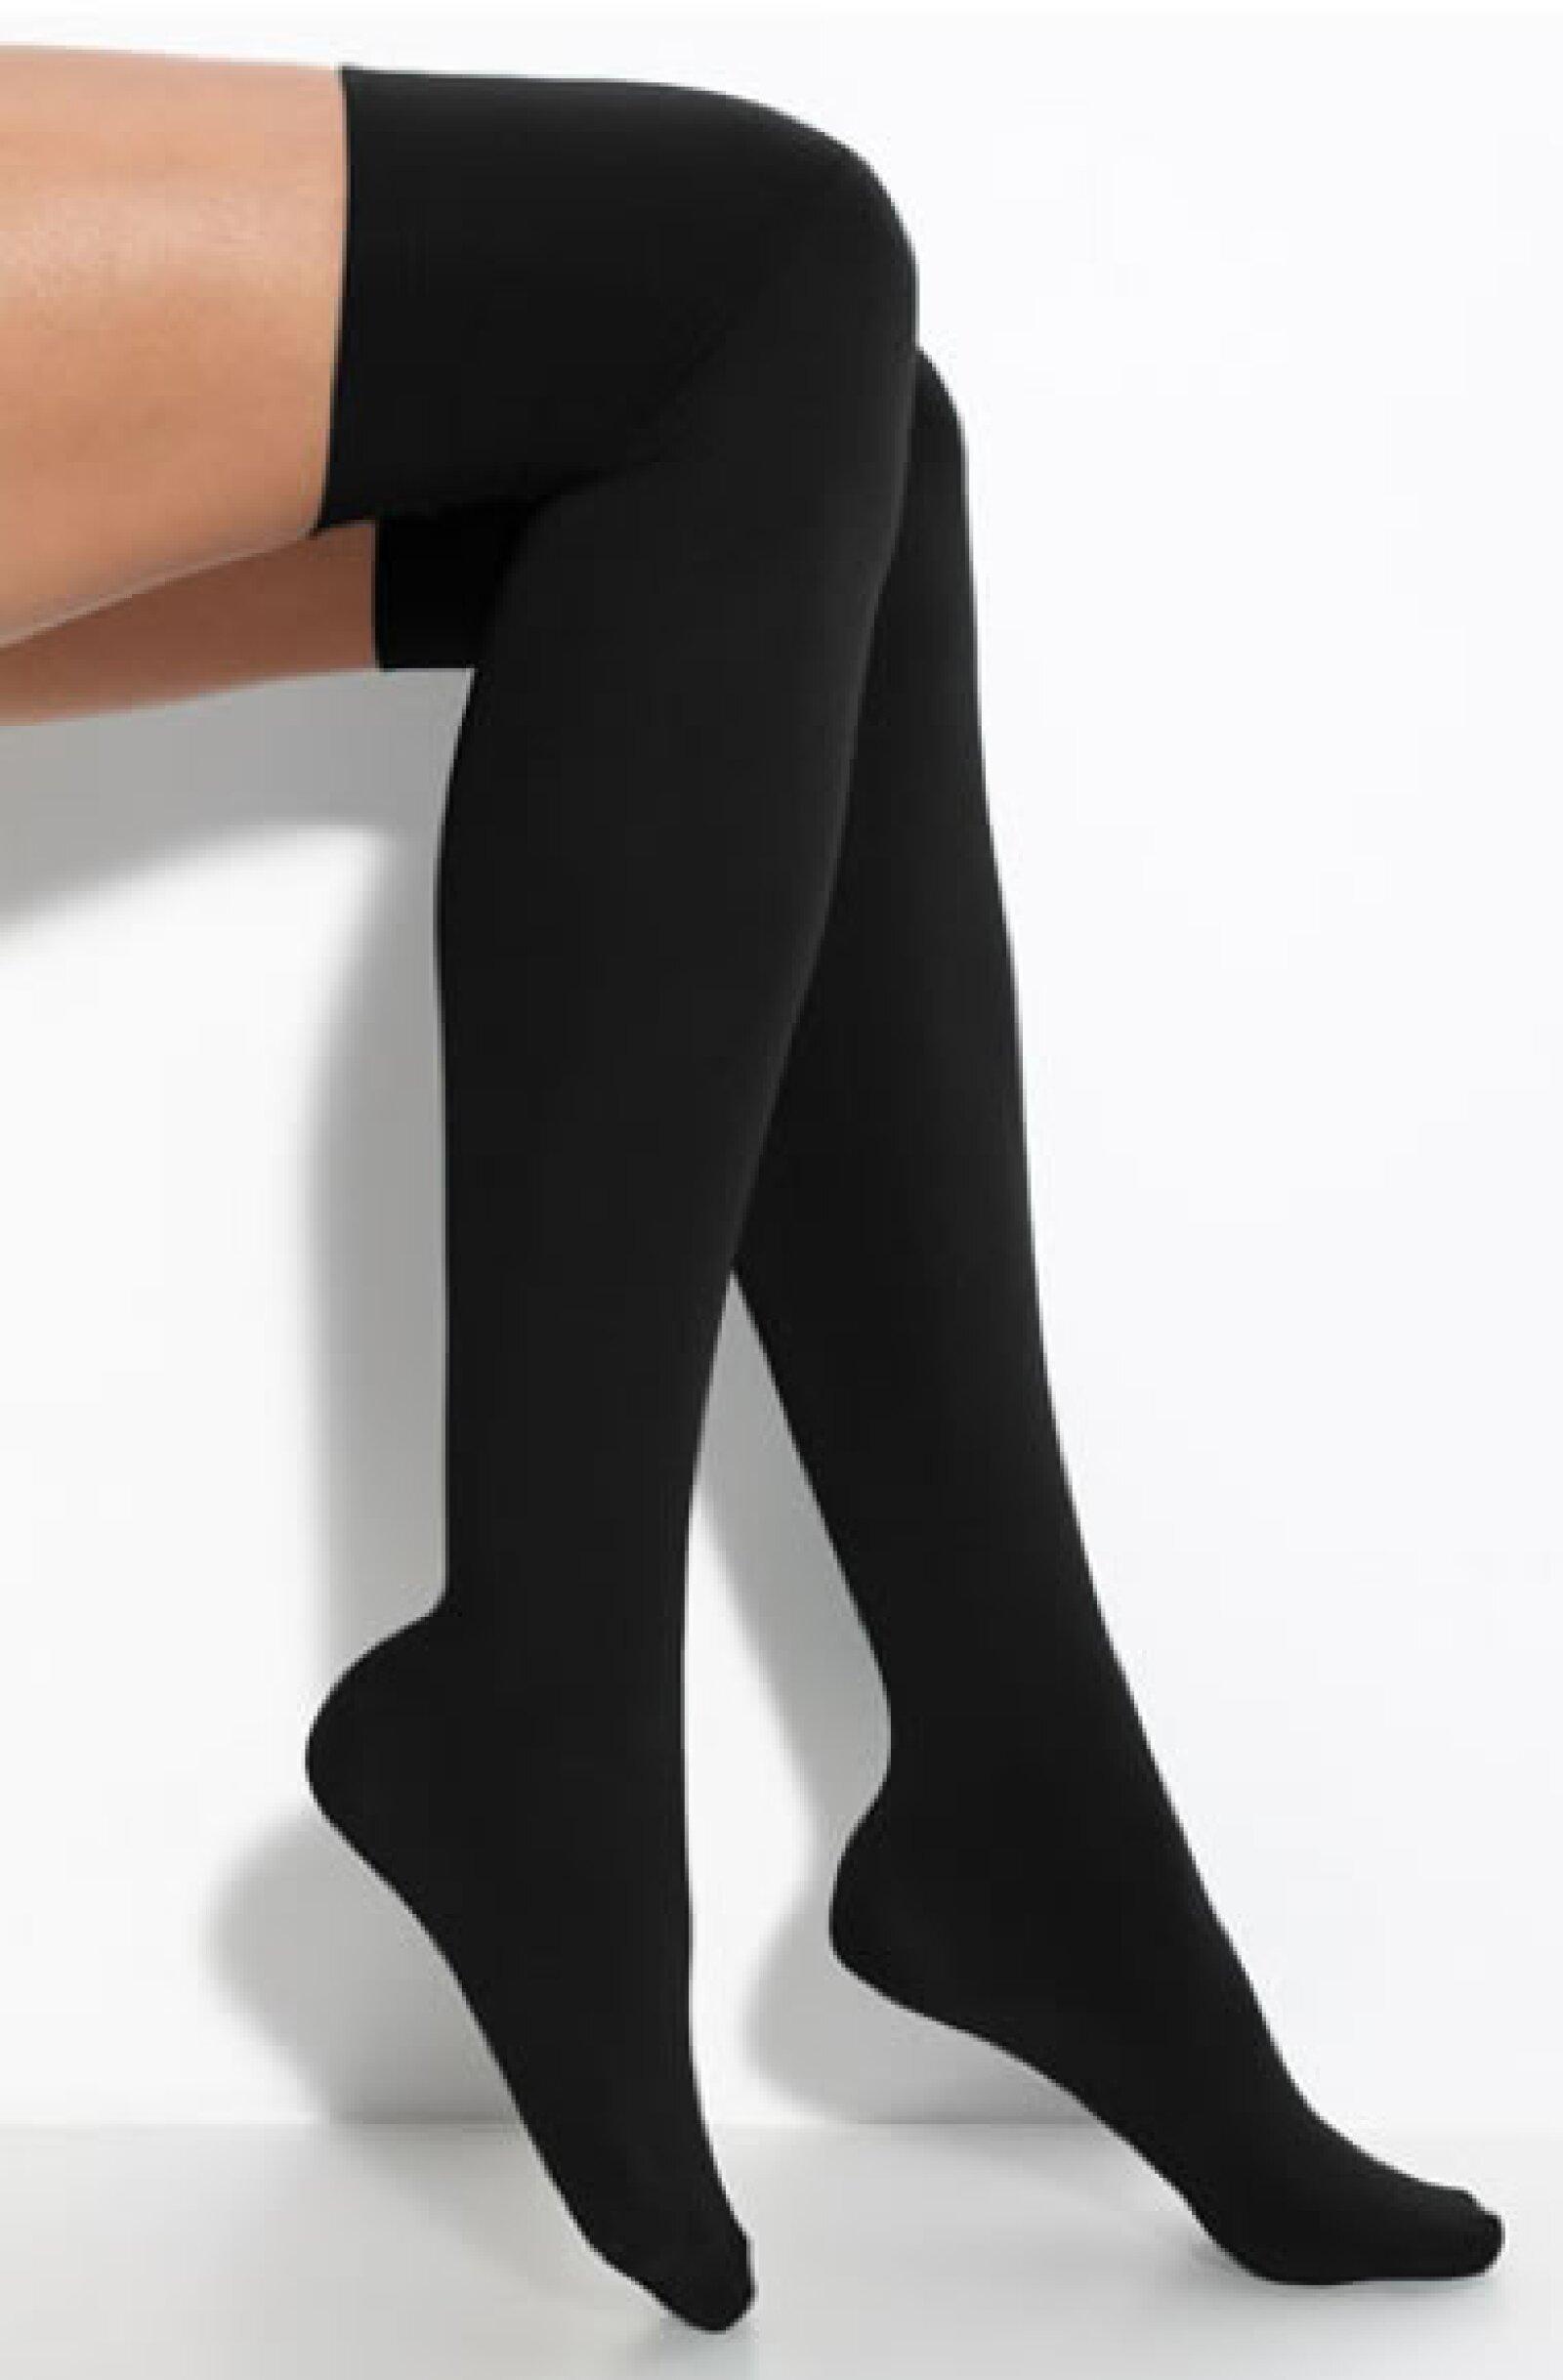 Necesitarás mucha protección del frío por lo que sugerimos estos calcetines de microfibra de Hue.